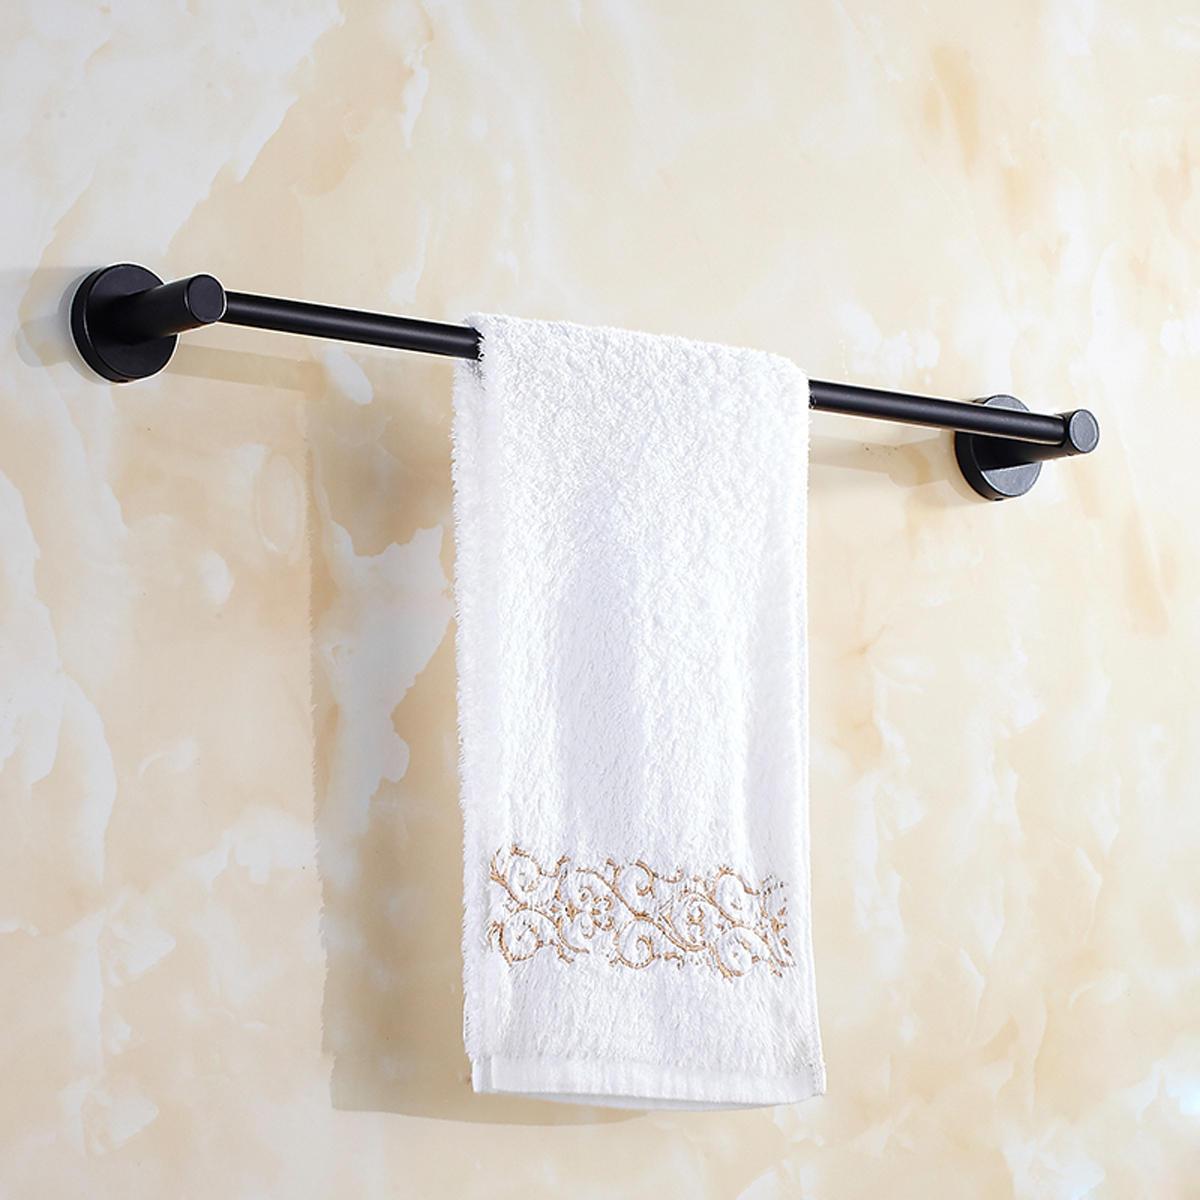 มือจับสีดำ ผ้าขนหนู รางราว เบ็ด ที่ใส่แปรงสุขภัณฑ์สำหรับ ห้องอาบน้ำ อุปกรณ์เสริม